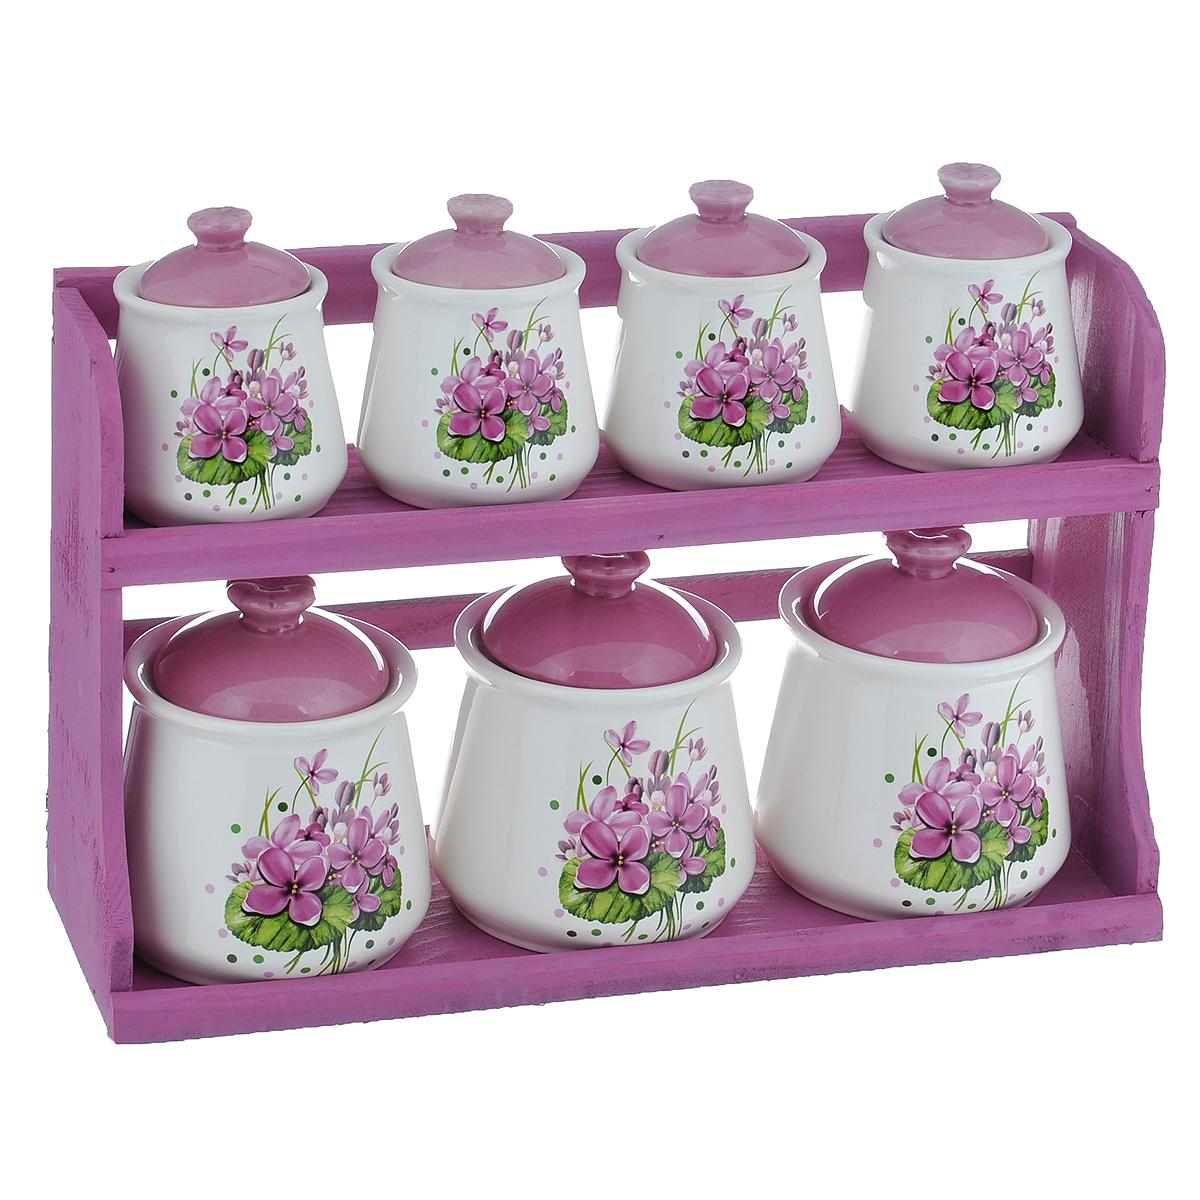 """Набор банок для хранения сыпучих продуктов """"Нежные цветы"""", цвет: фиолетовый, белый, 8 предметов"""